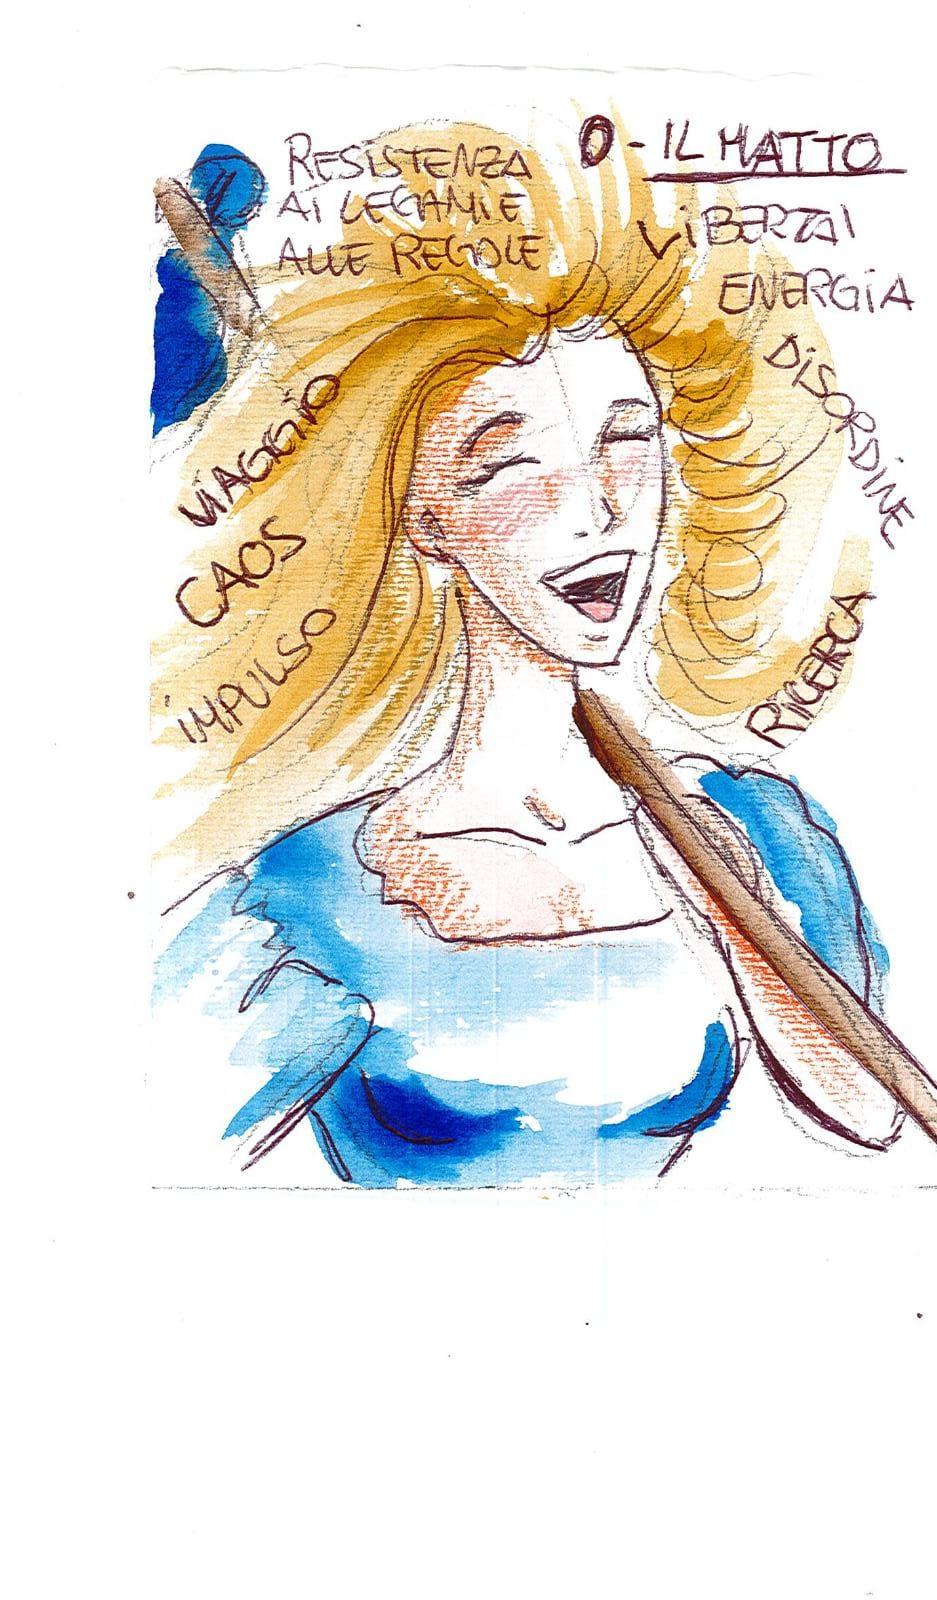 Laura angolo bianco: Il matto nel mazzo di tarocchi artigianale White Tarot